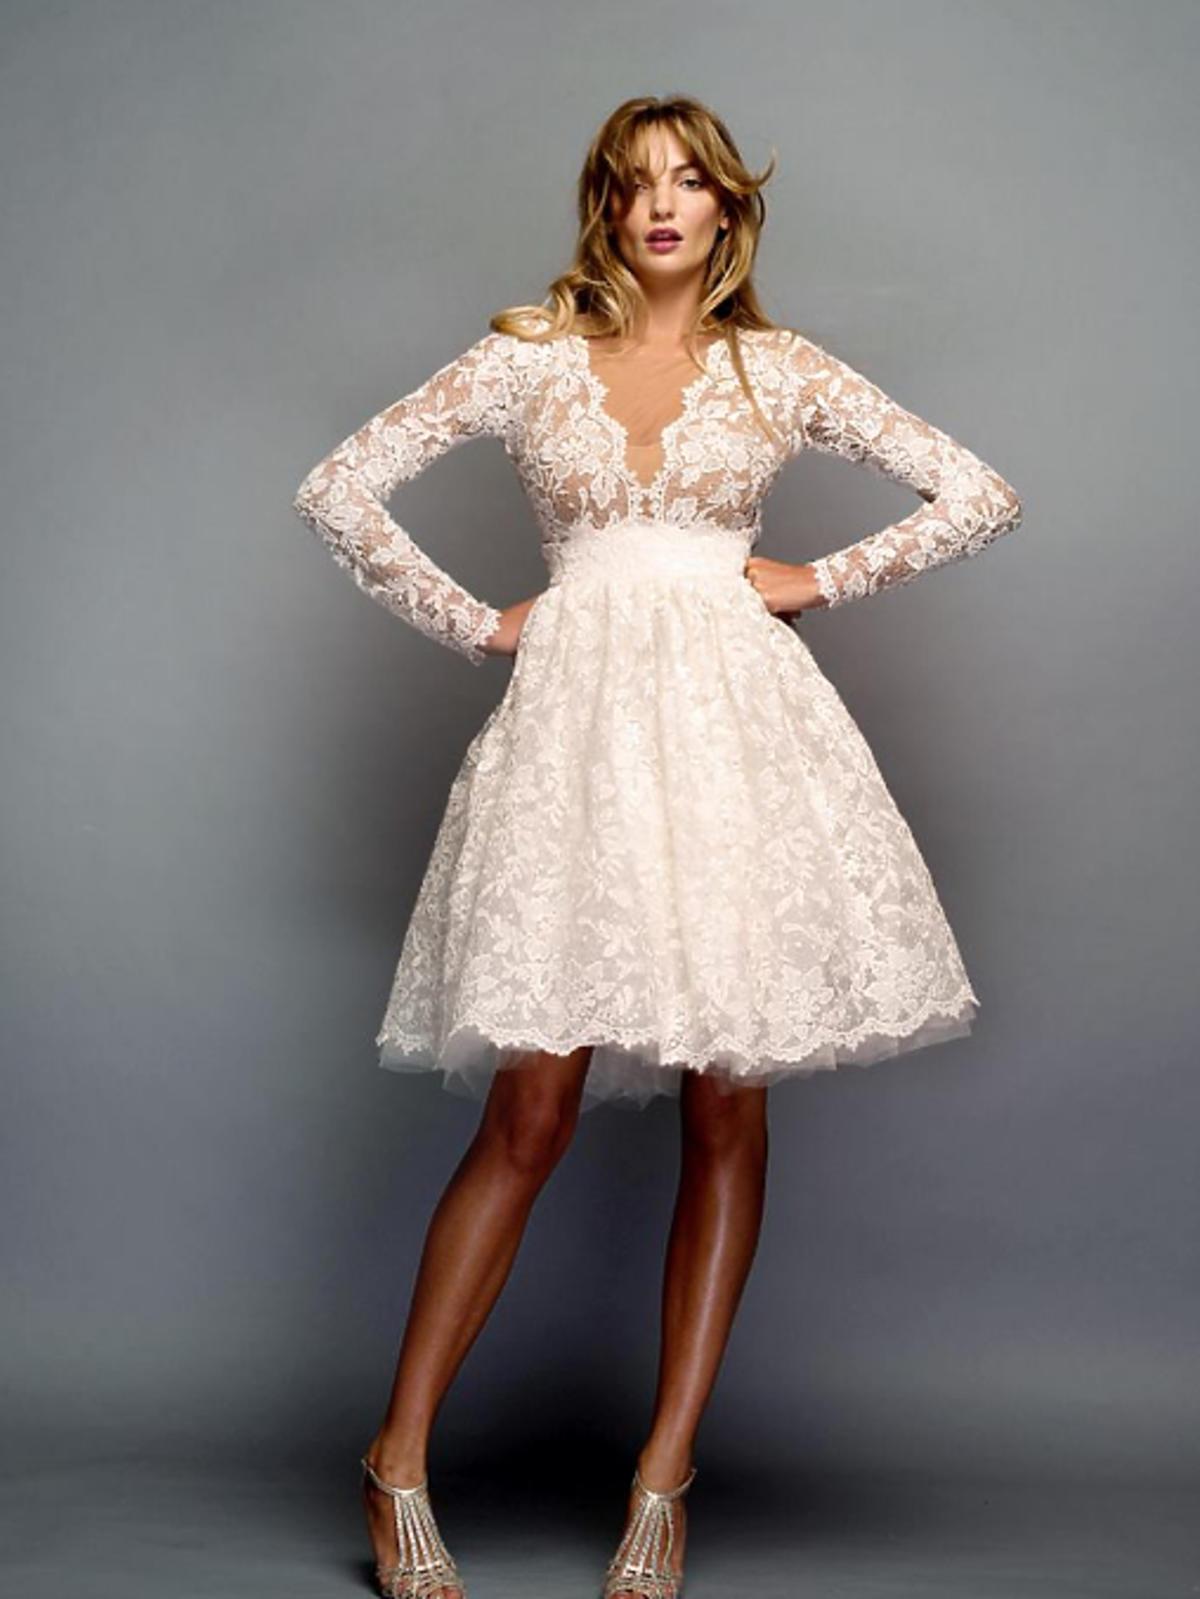 Modelka w krótkiej koronkowej sukni